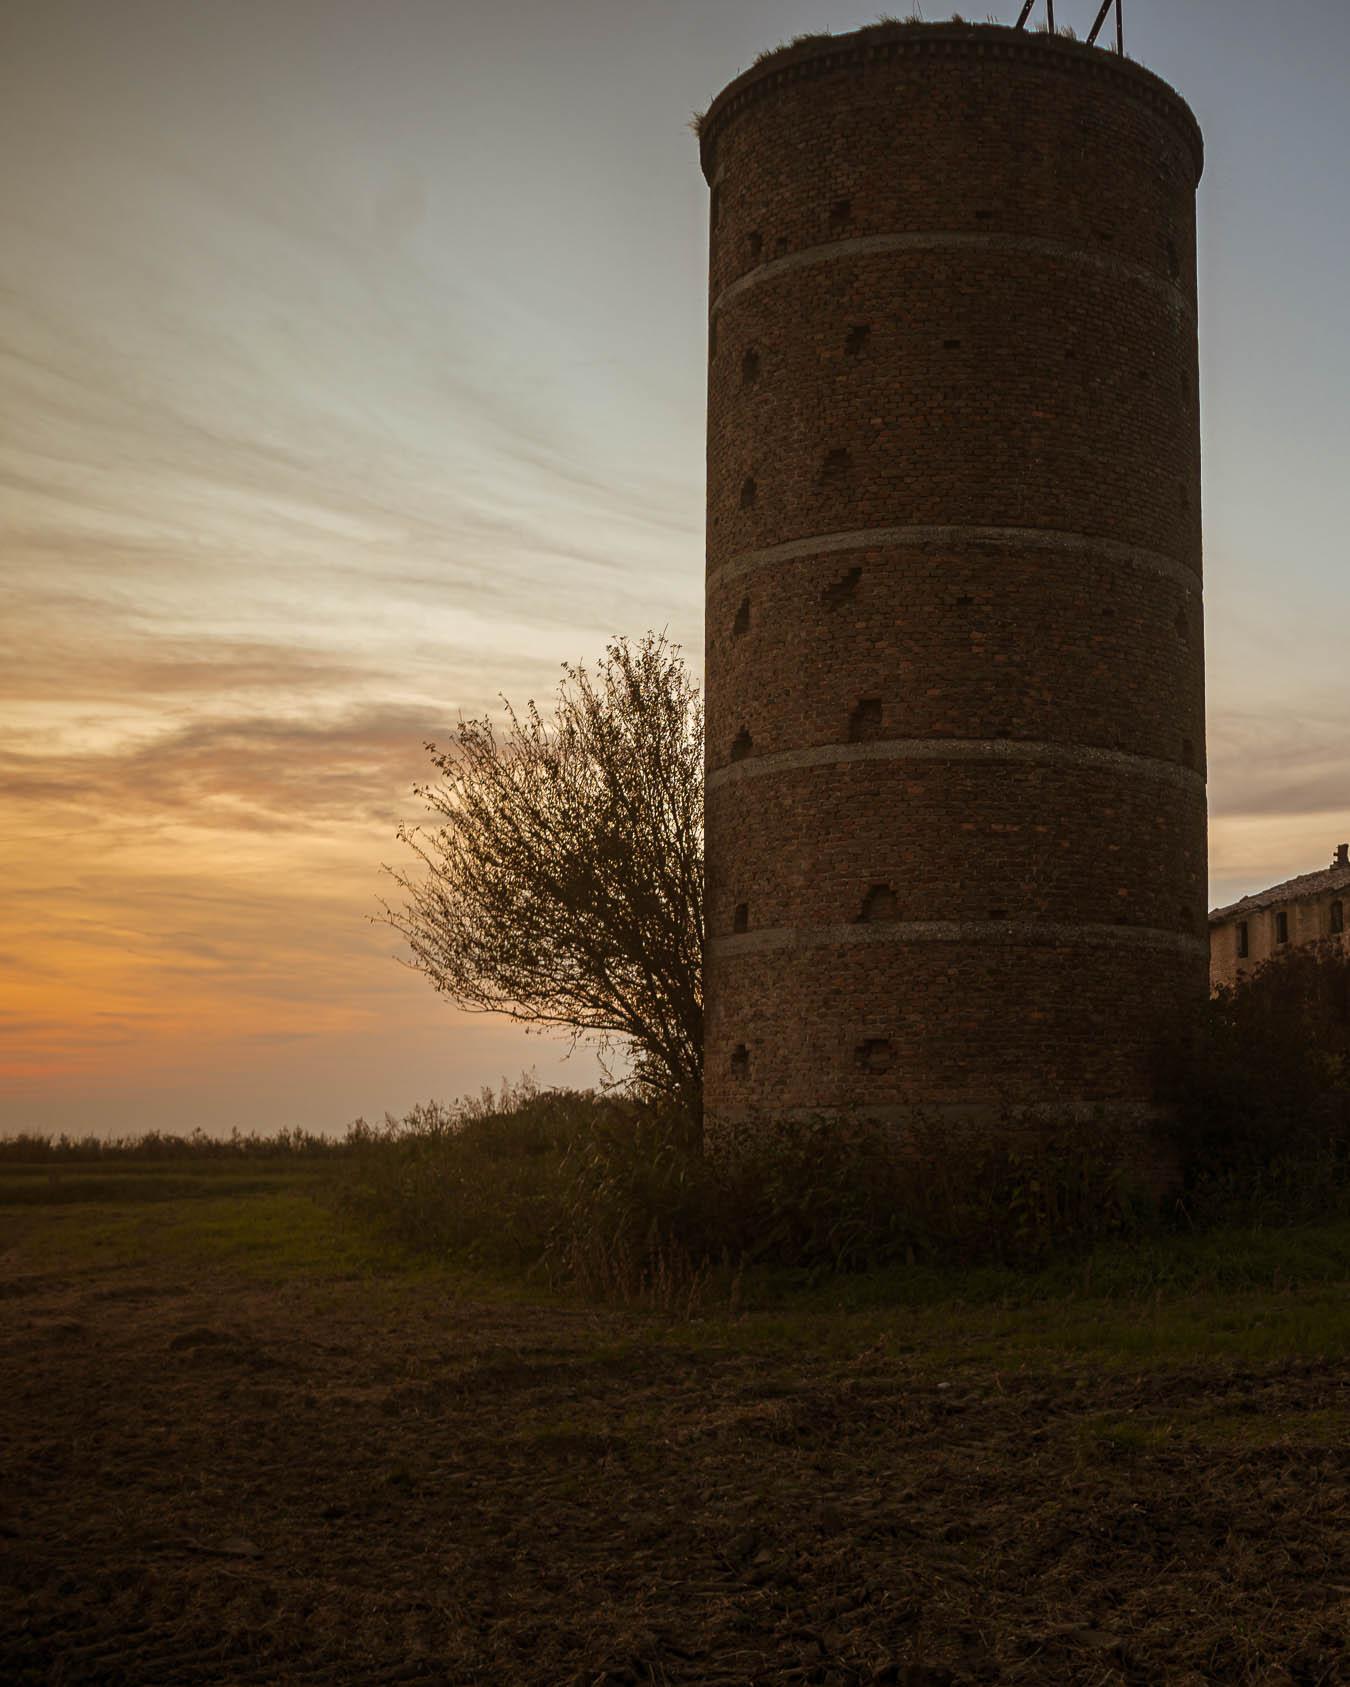 silos agricolo in mattoni dismesso